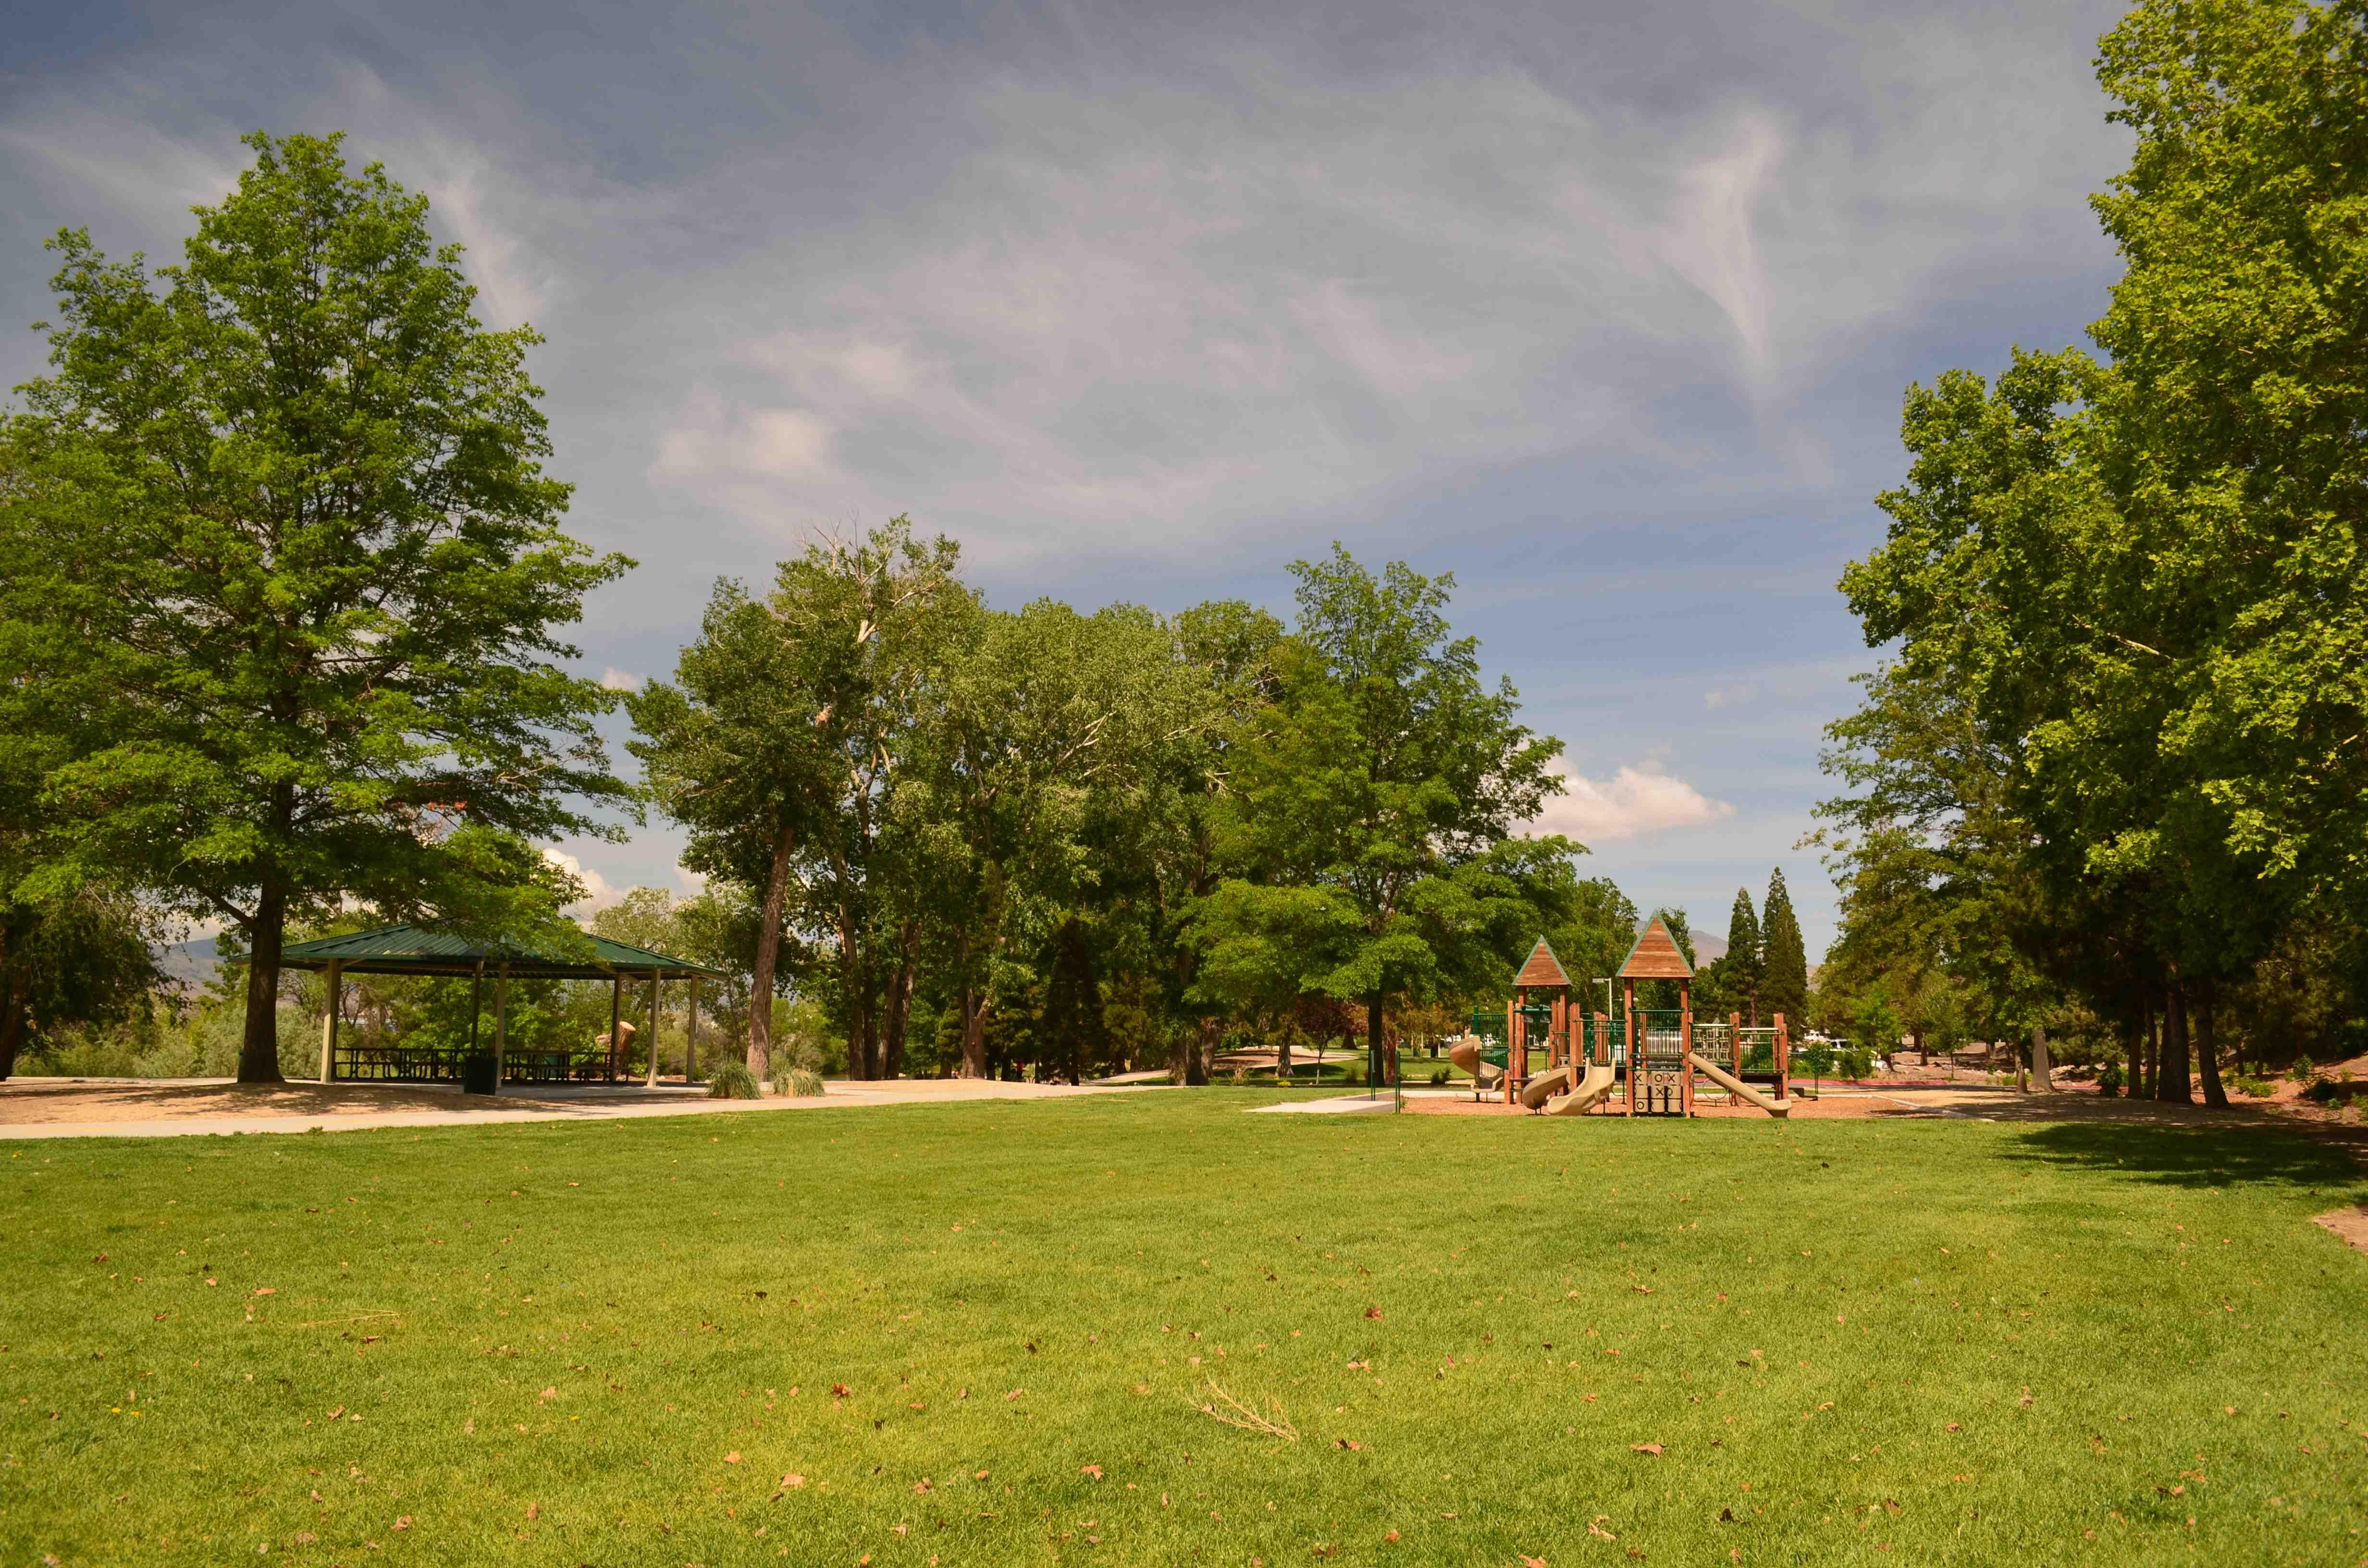 1 Rock Park Site 1 Summer 2014 (Low)